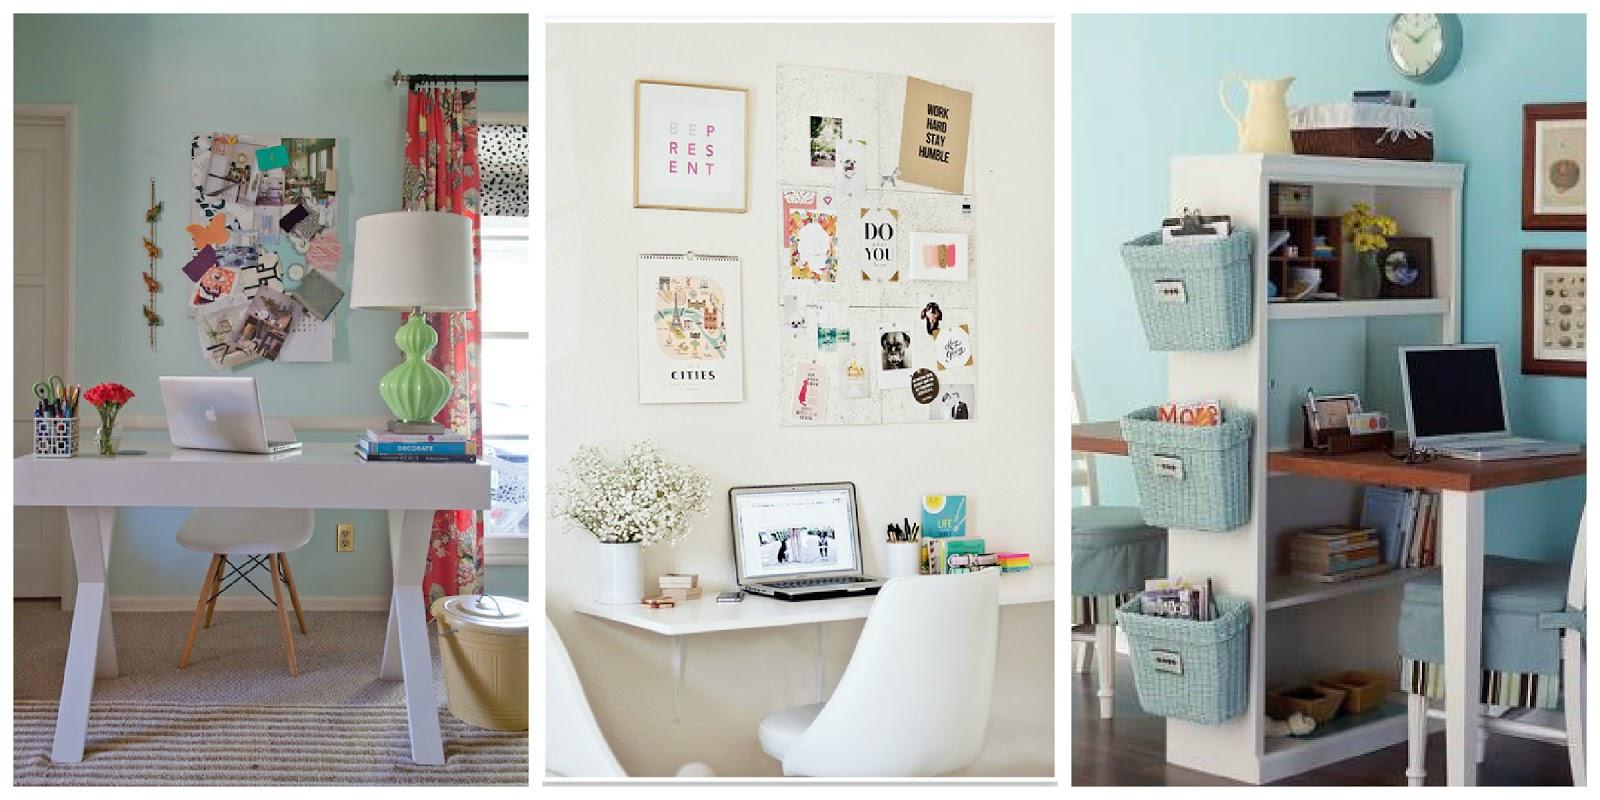 sciccosi dettagli interior design e idee per un piccolo